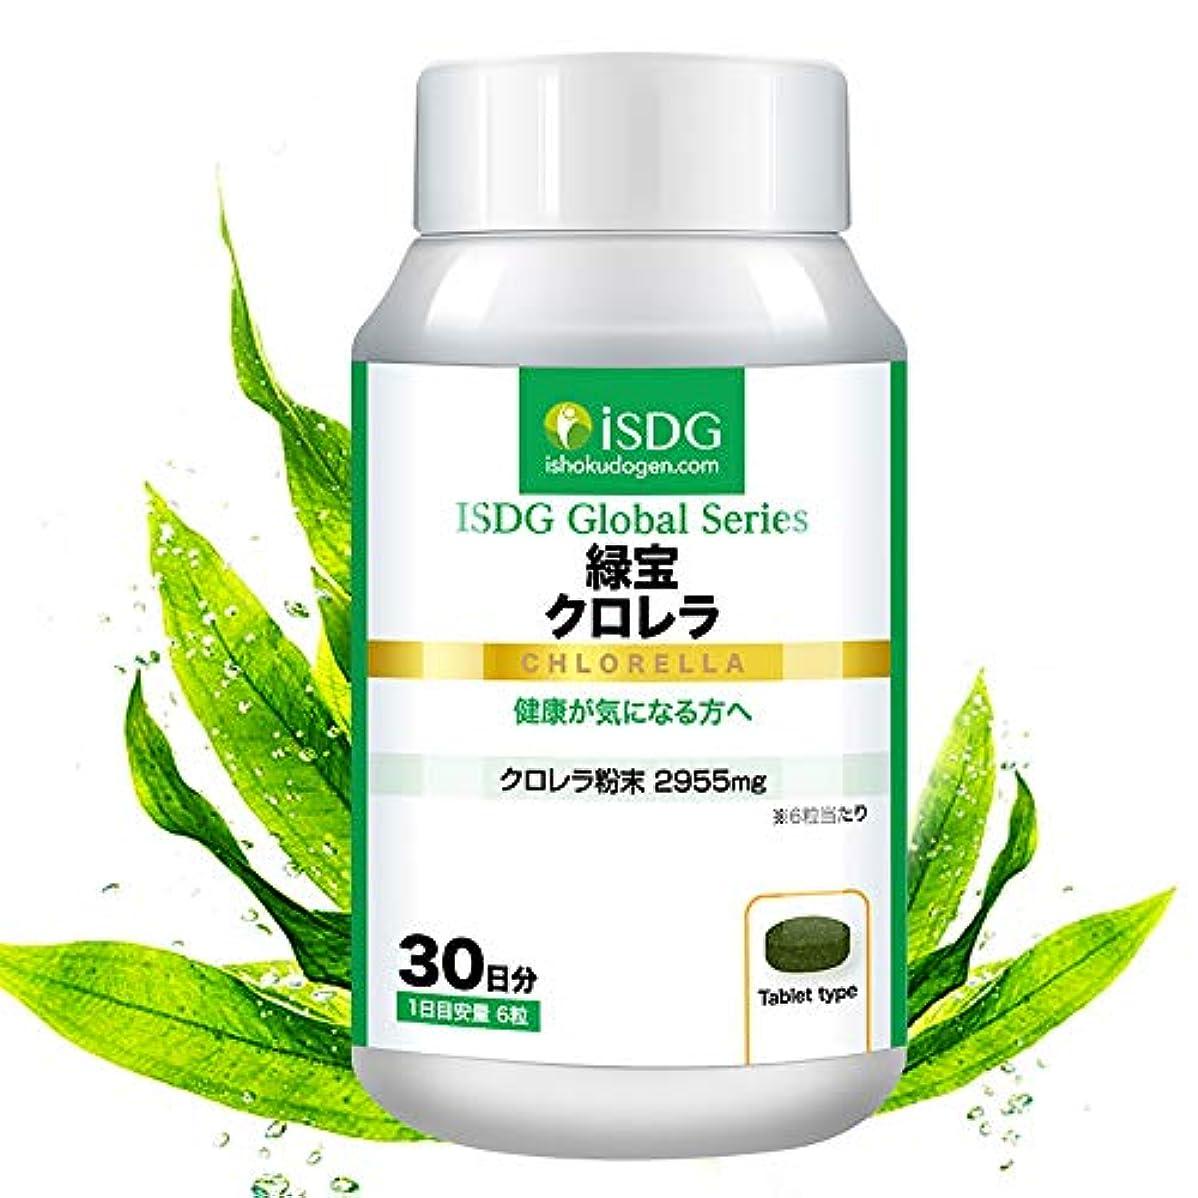 ベスビオ山キュービック乳ISDG 緑宝 クロレラ 180粒/ボトル